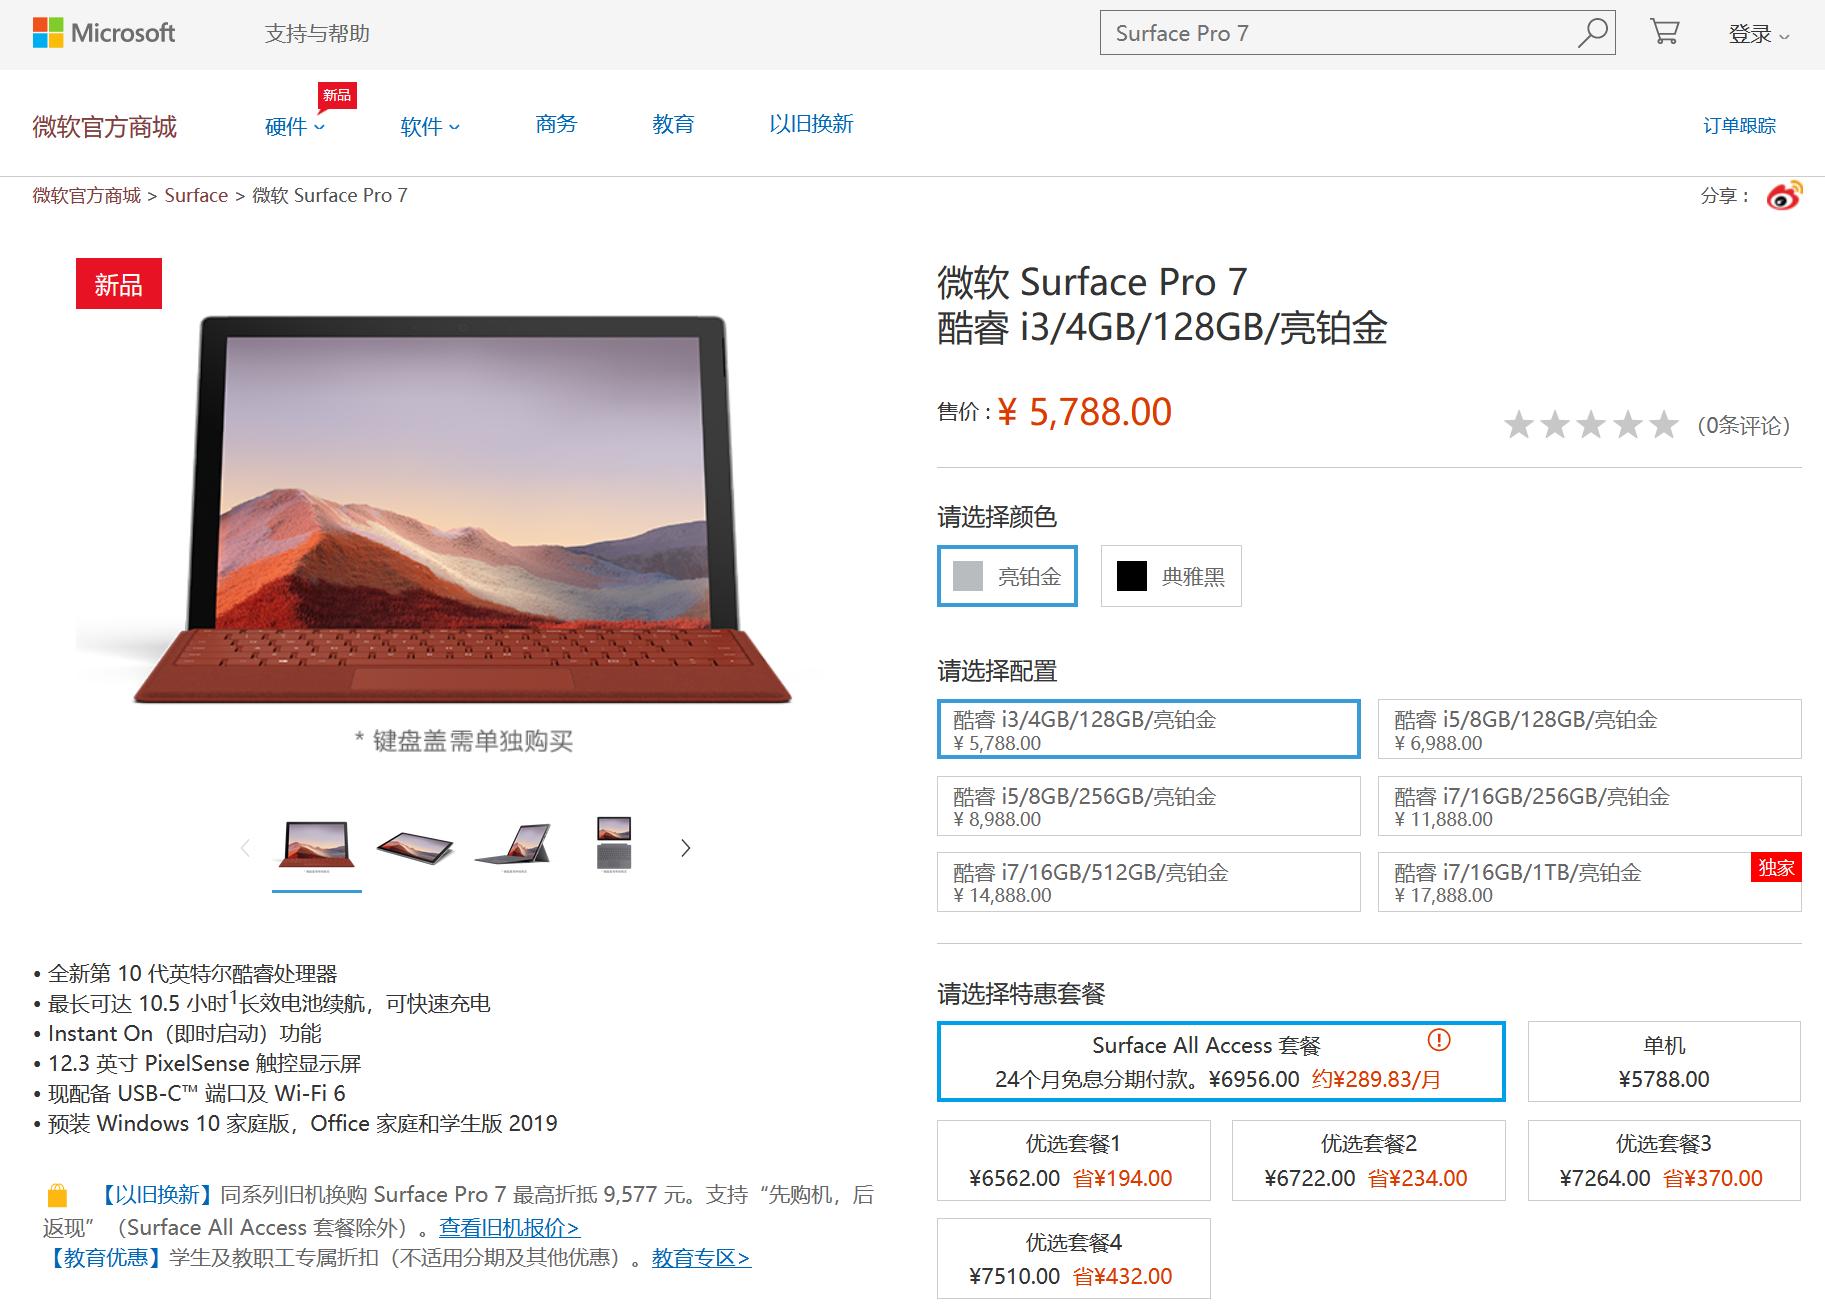 微软中国官网上架Surface Pro 7 起售价5788元